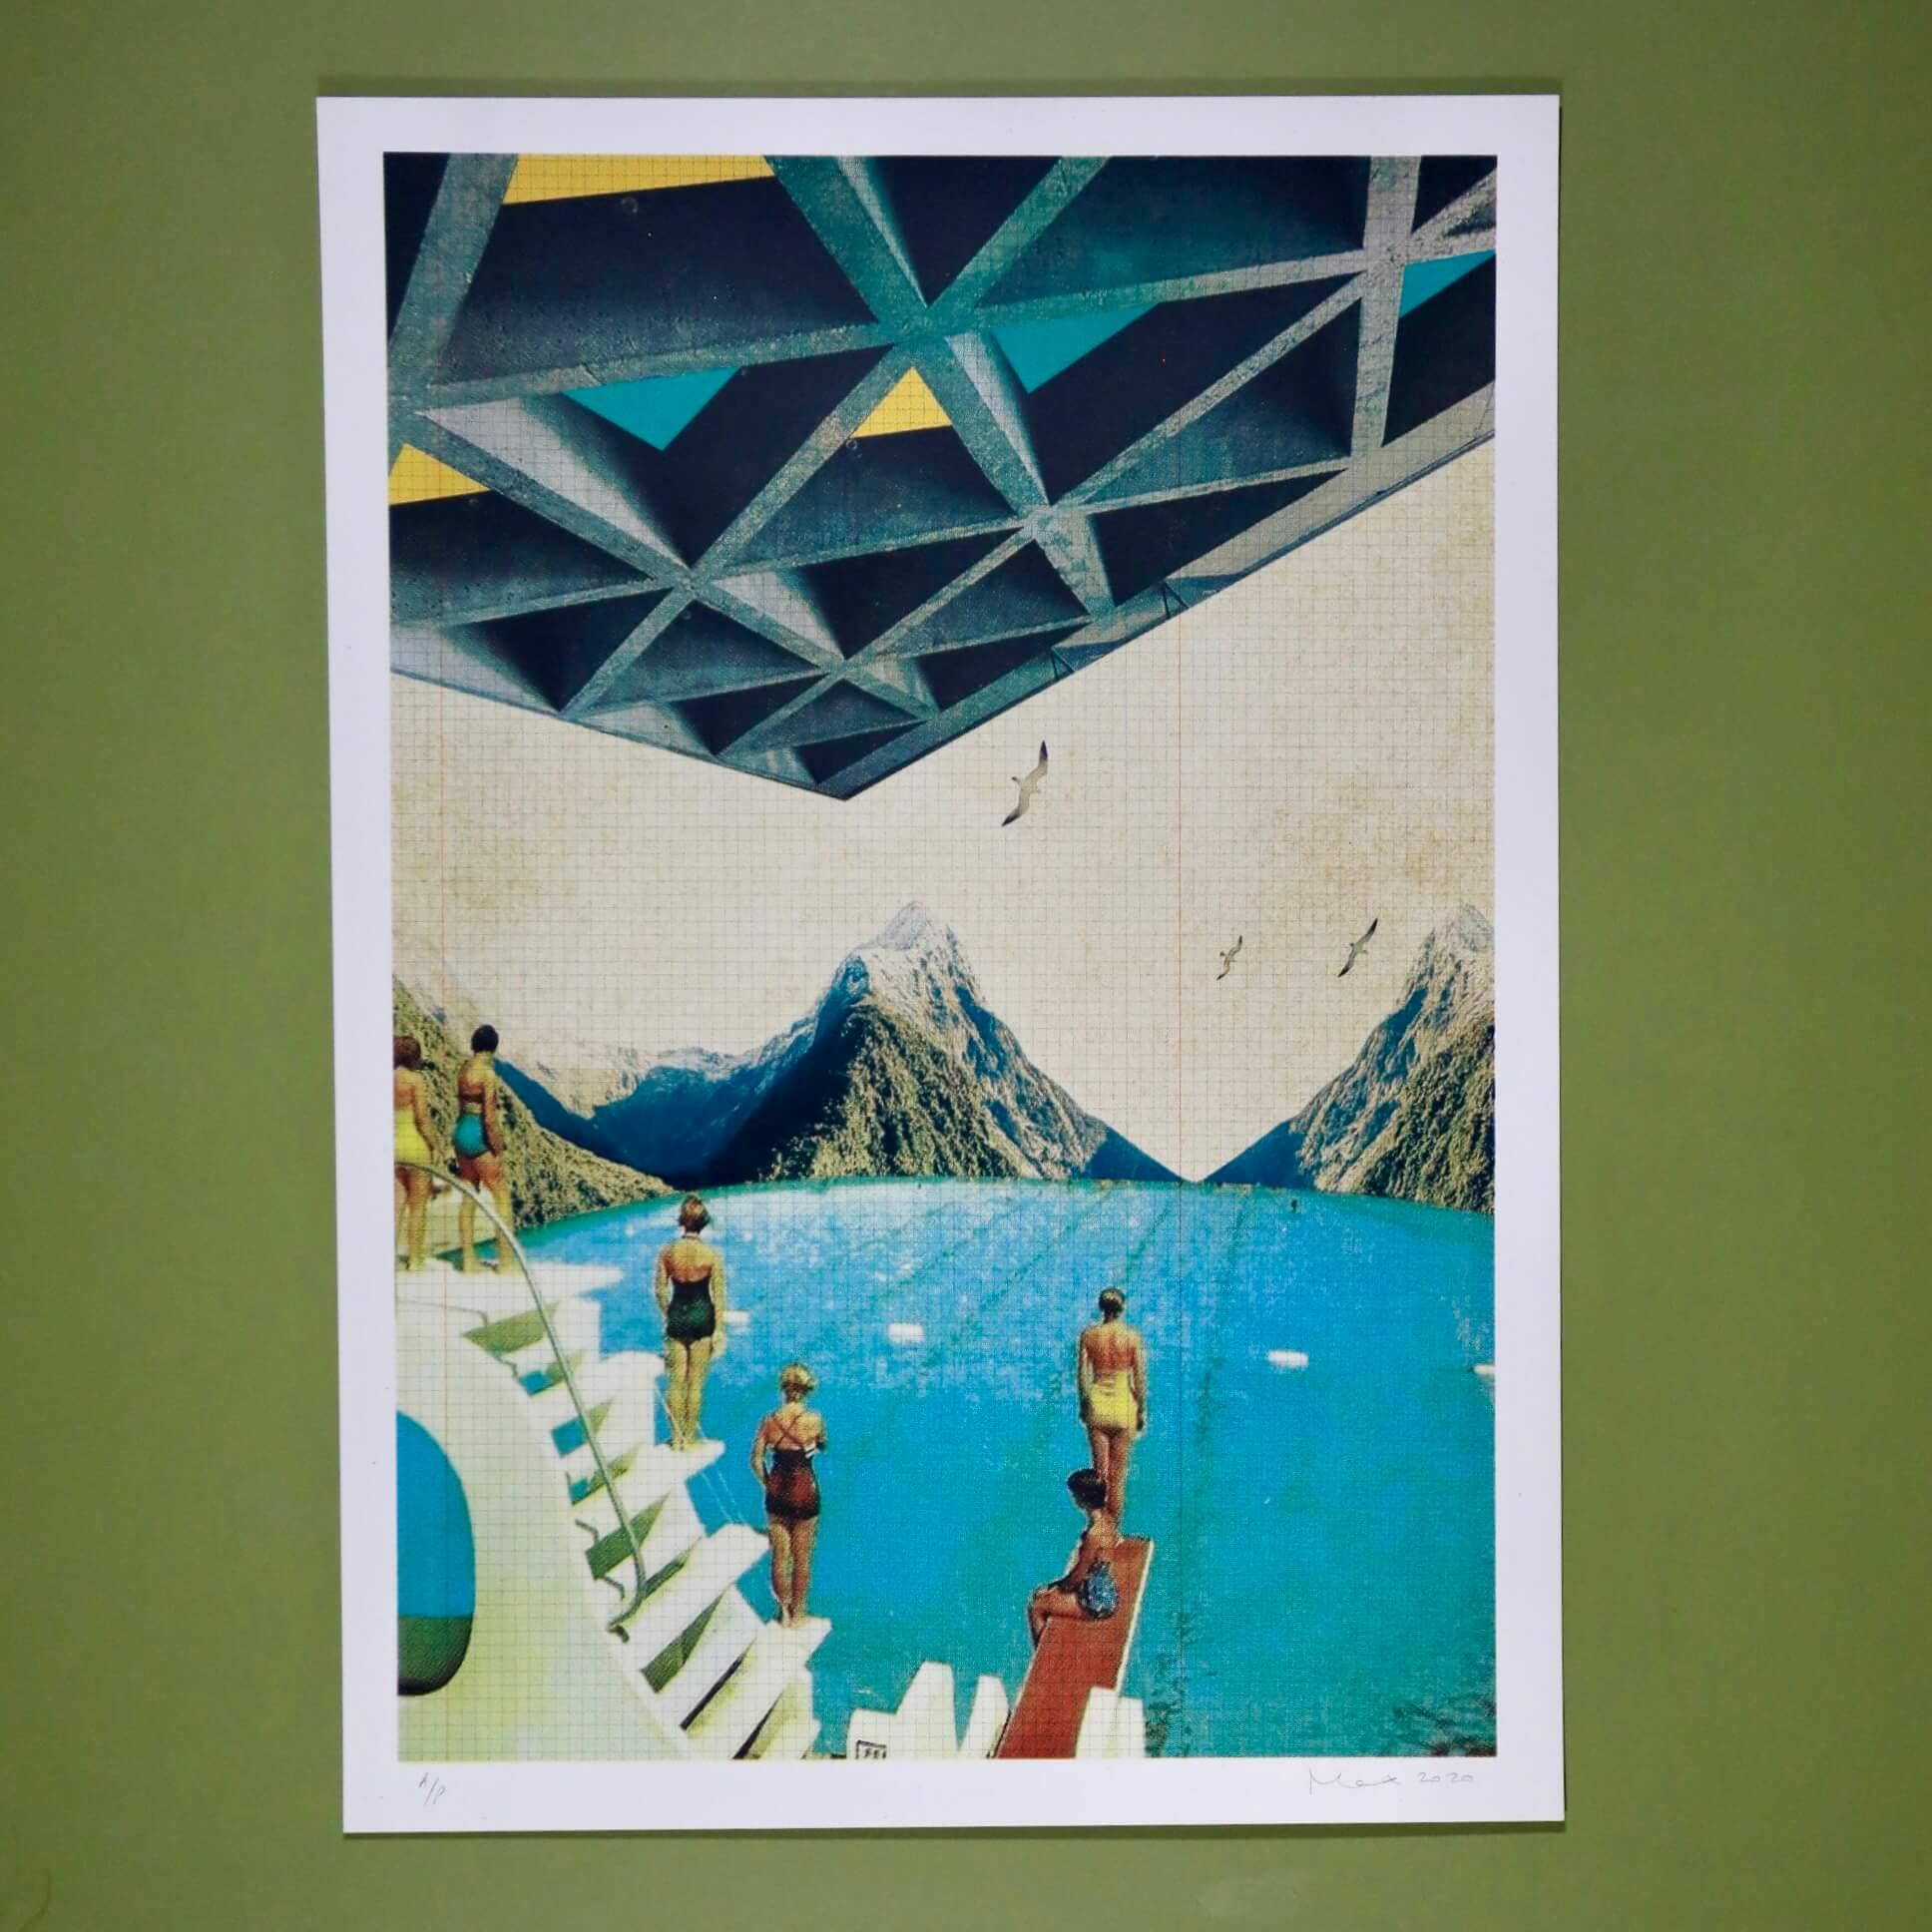 A6182C52 5525 42EB 8FD1 95B70E8699CB - Utopian Swim by Maxine Gregson